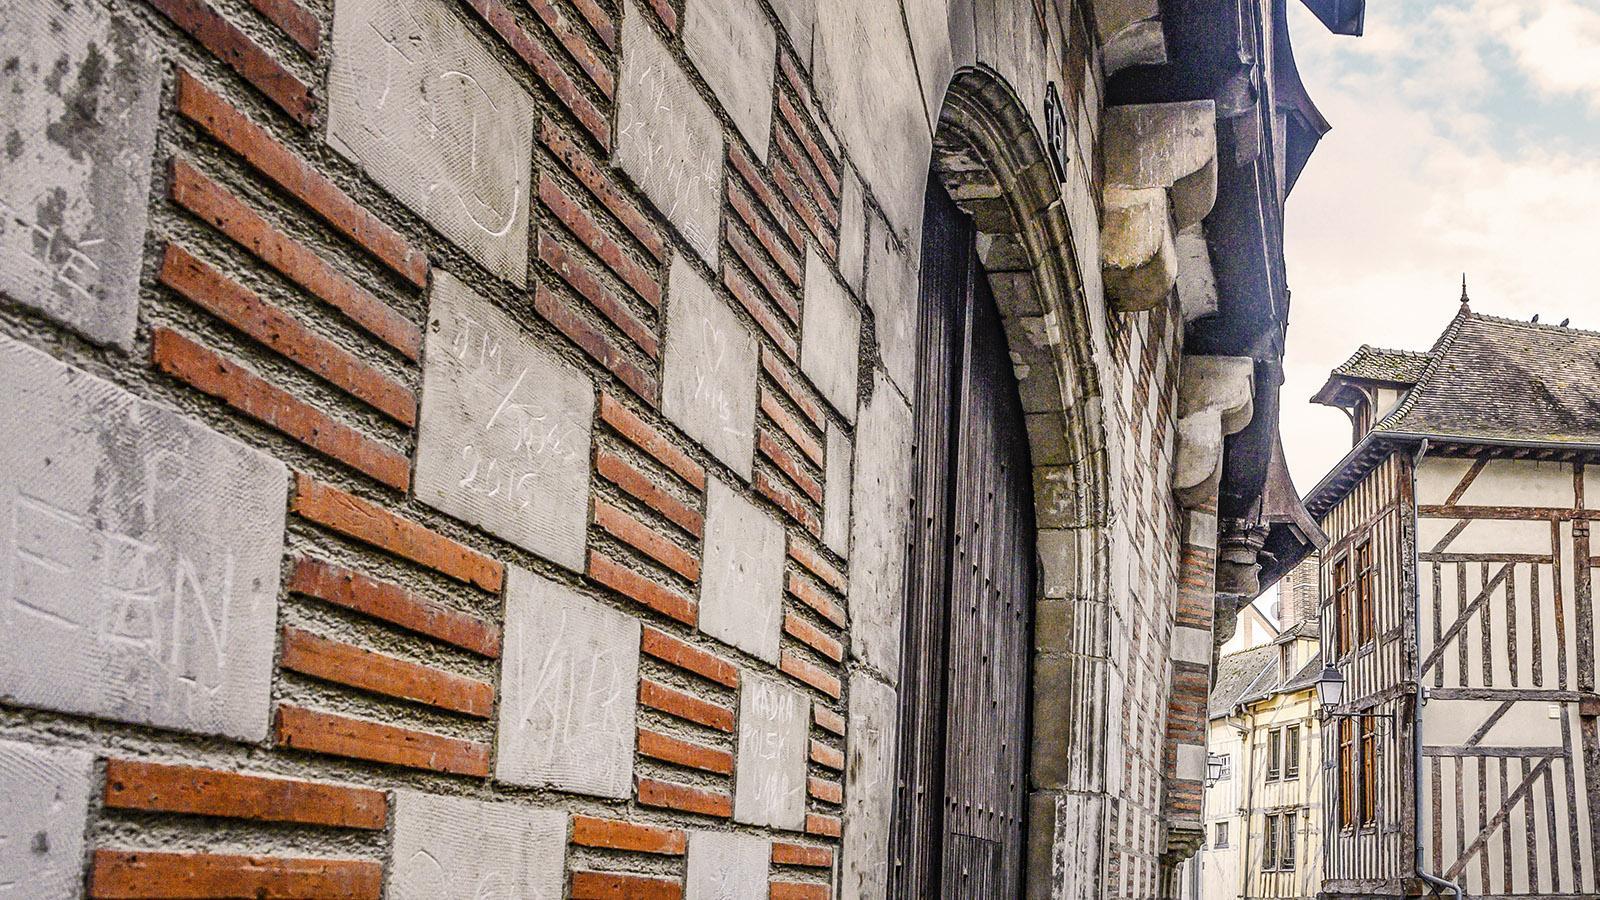 Schachbrettmuster trifft Fachwerk in der Baukunst von Troyes. Foto: Hilke Maunder